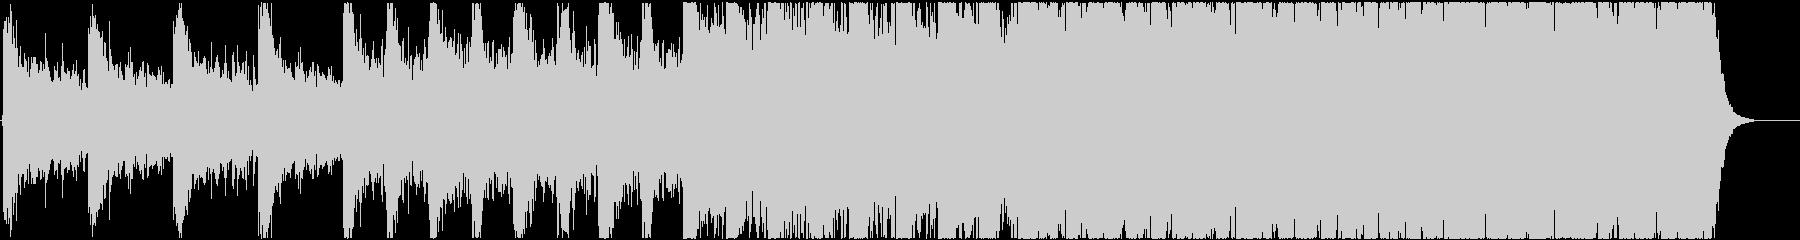 緊迫感のあるシネマティック曲 1-3の未再生の波形